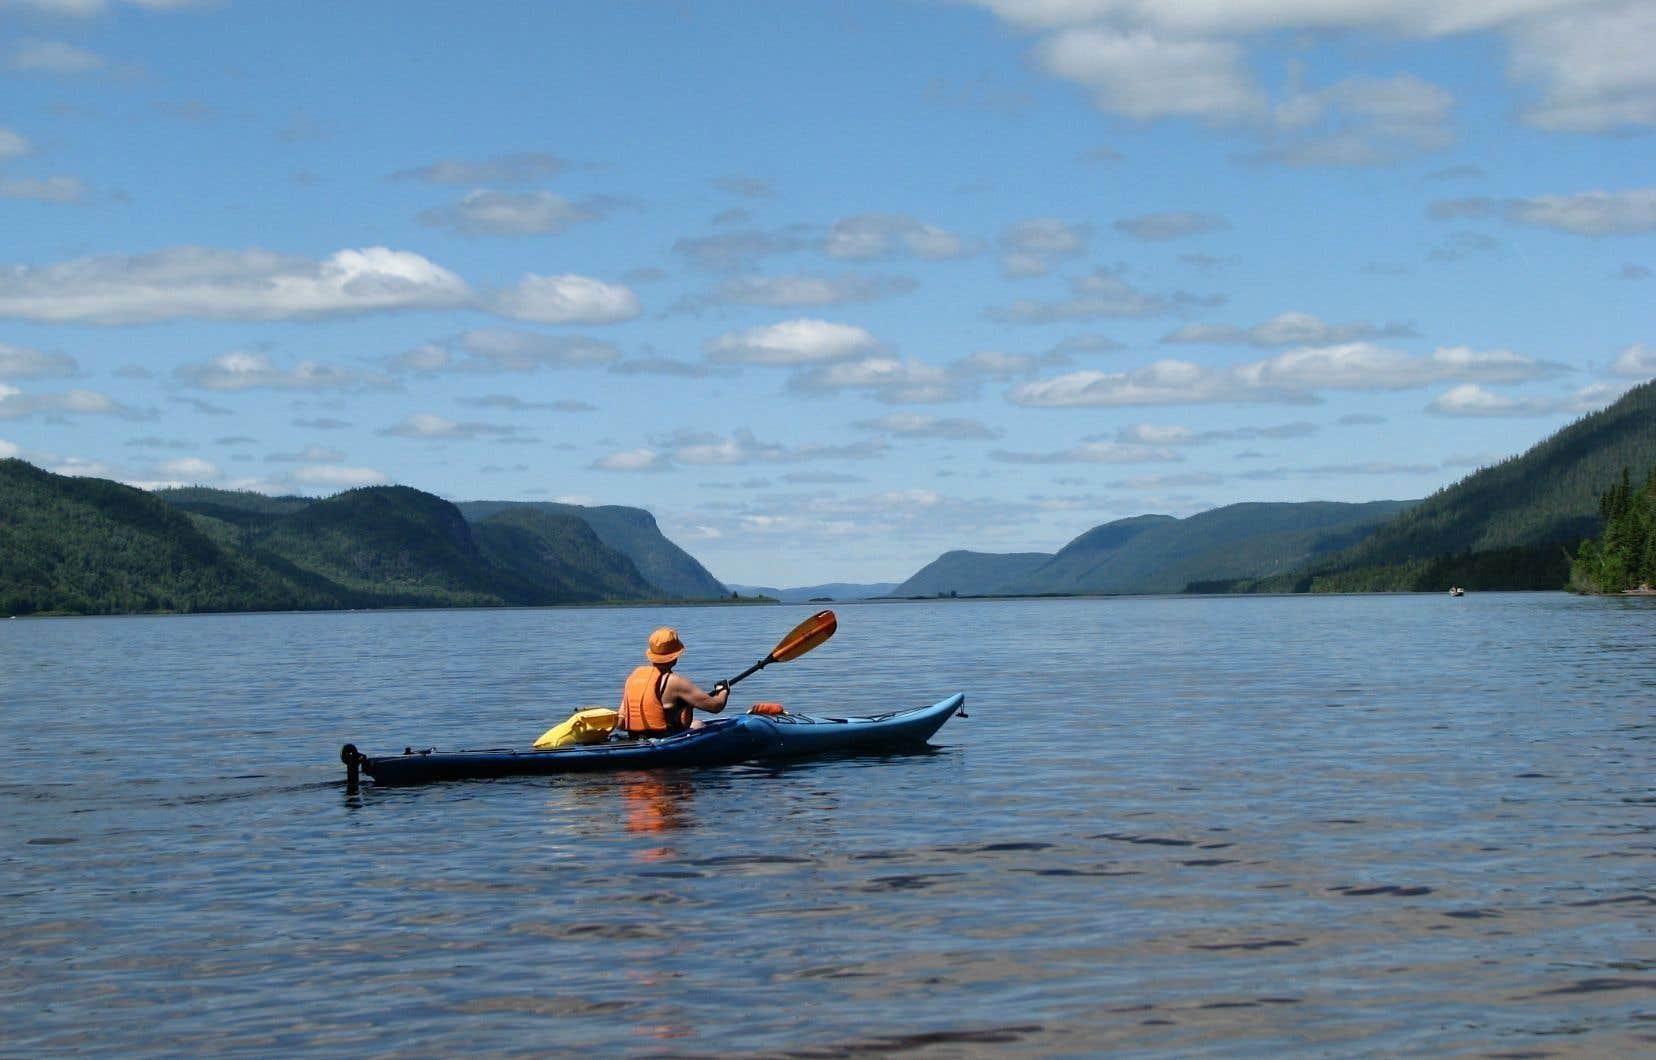 Kayak sur la rivière  Péribonka.  Depuis plusieurs années, l'accessibilité aux plans d'eau devient  de plus en plus difficile.